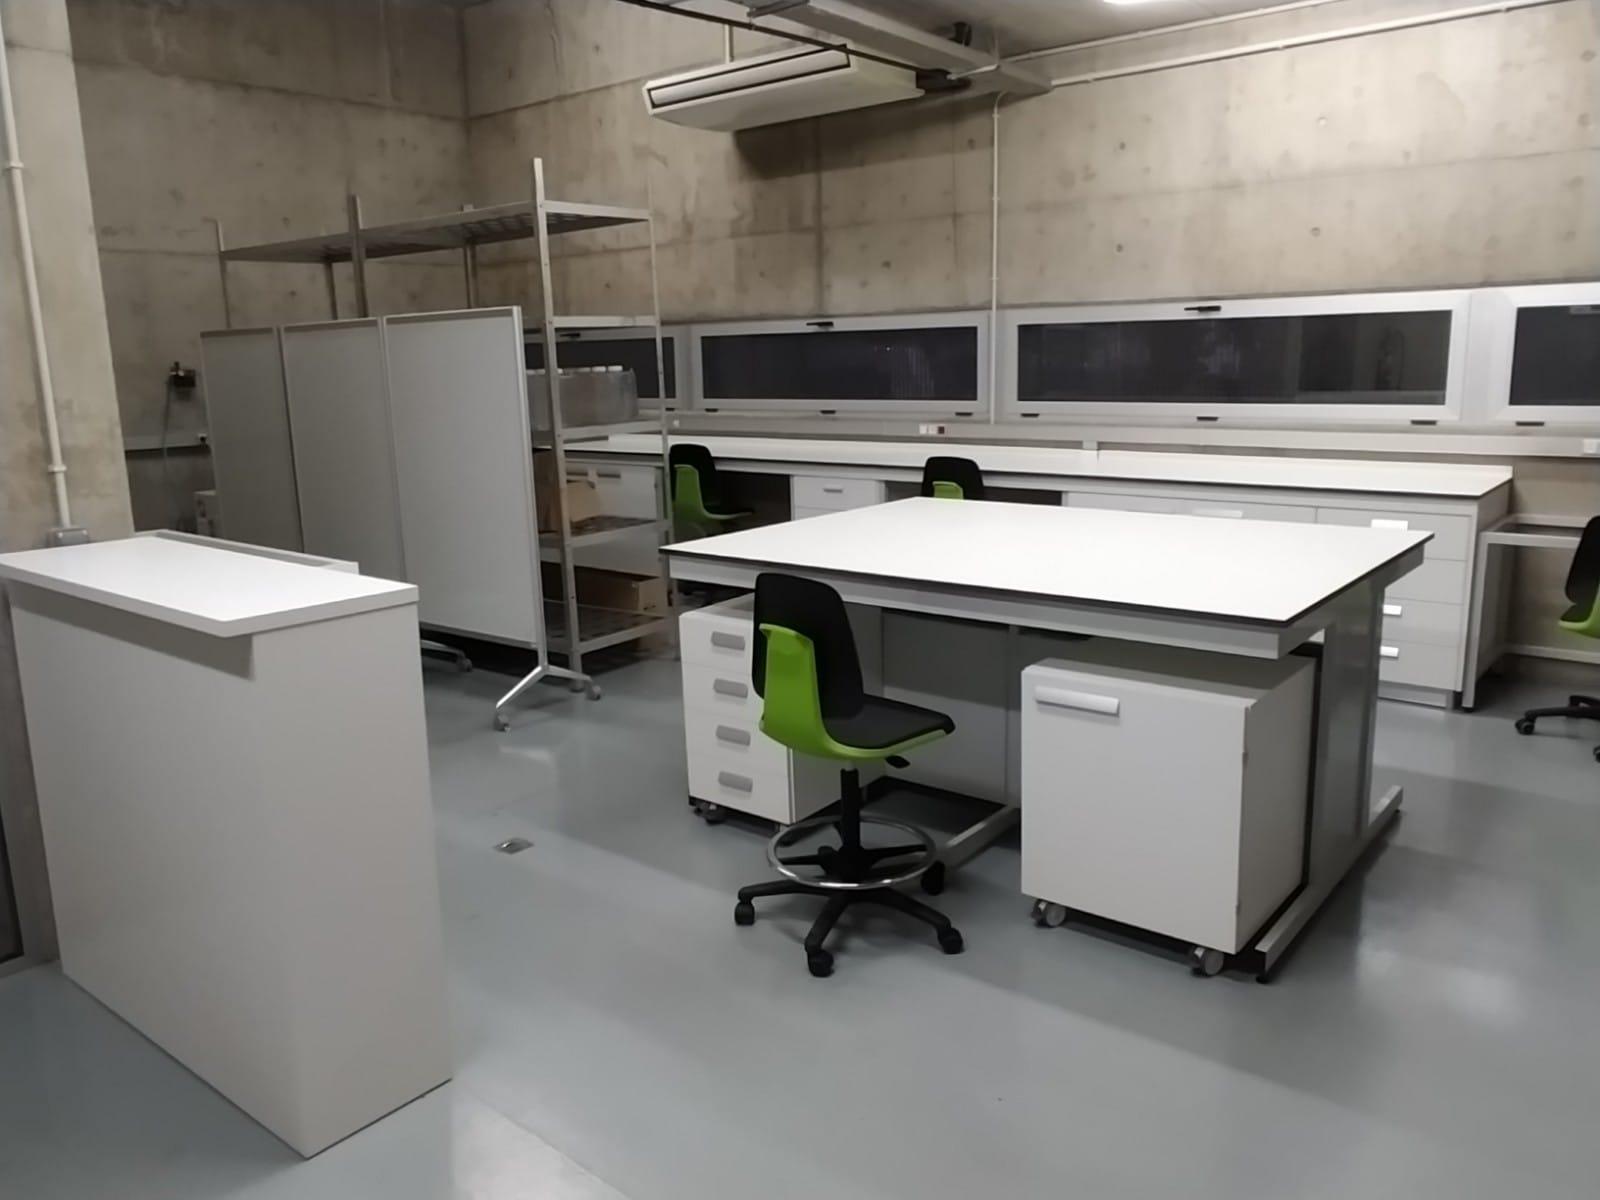 Vista de laboratorio que incluye módulo fregadero, isla, muebles y poyatas de laboratorio, así como taburetes Bimos Labsit de laboratorio.